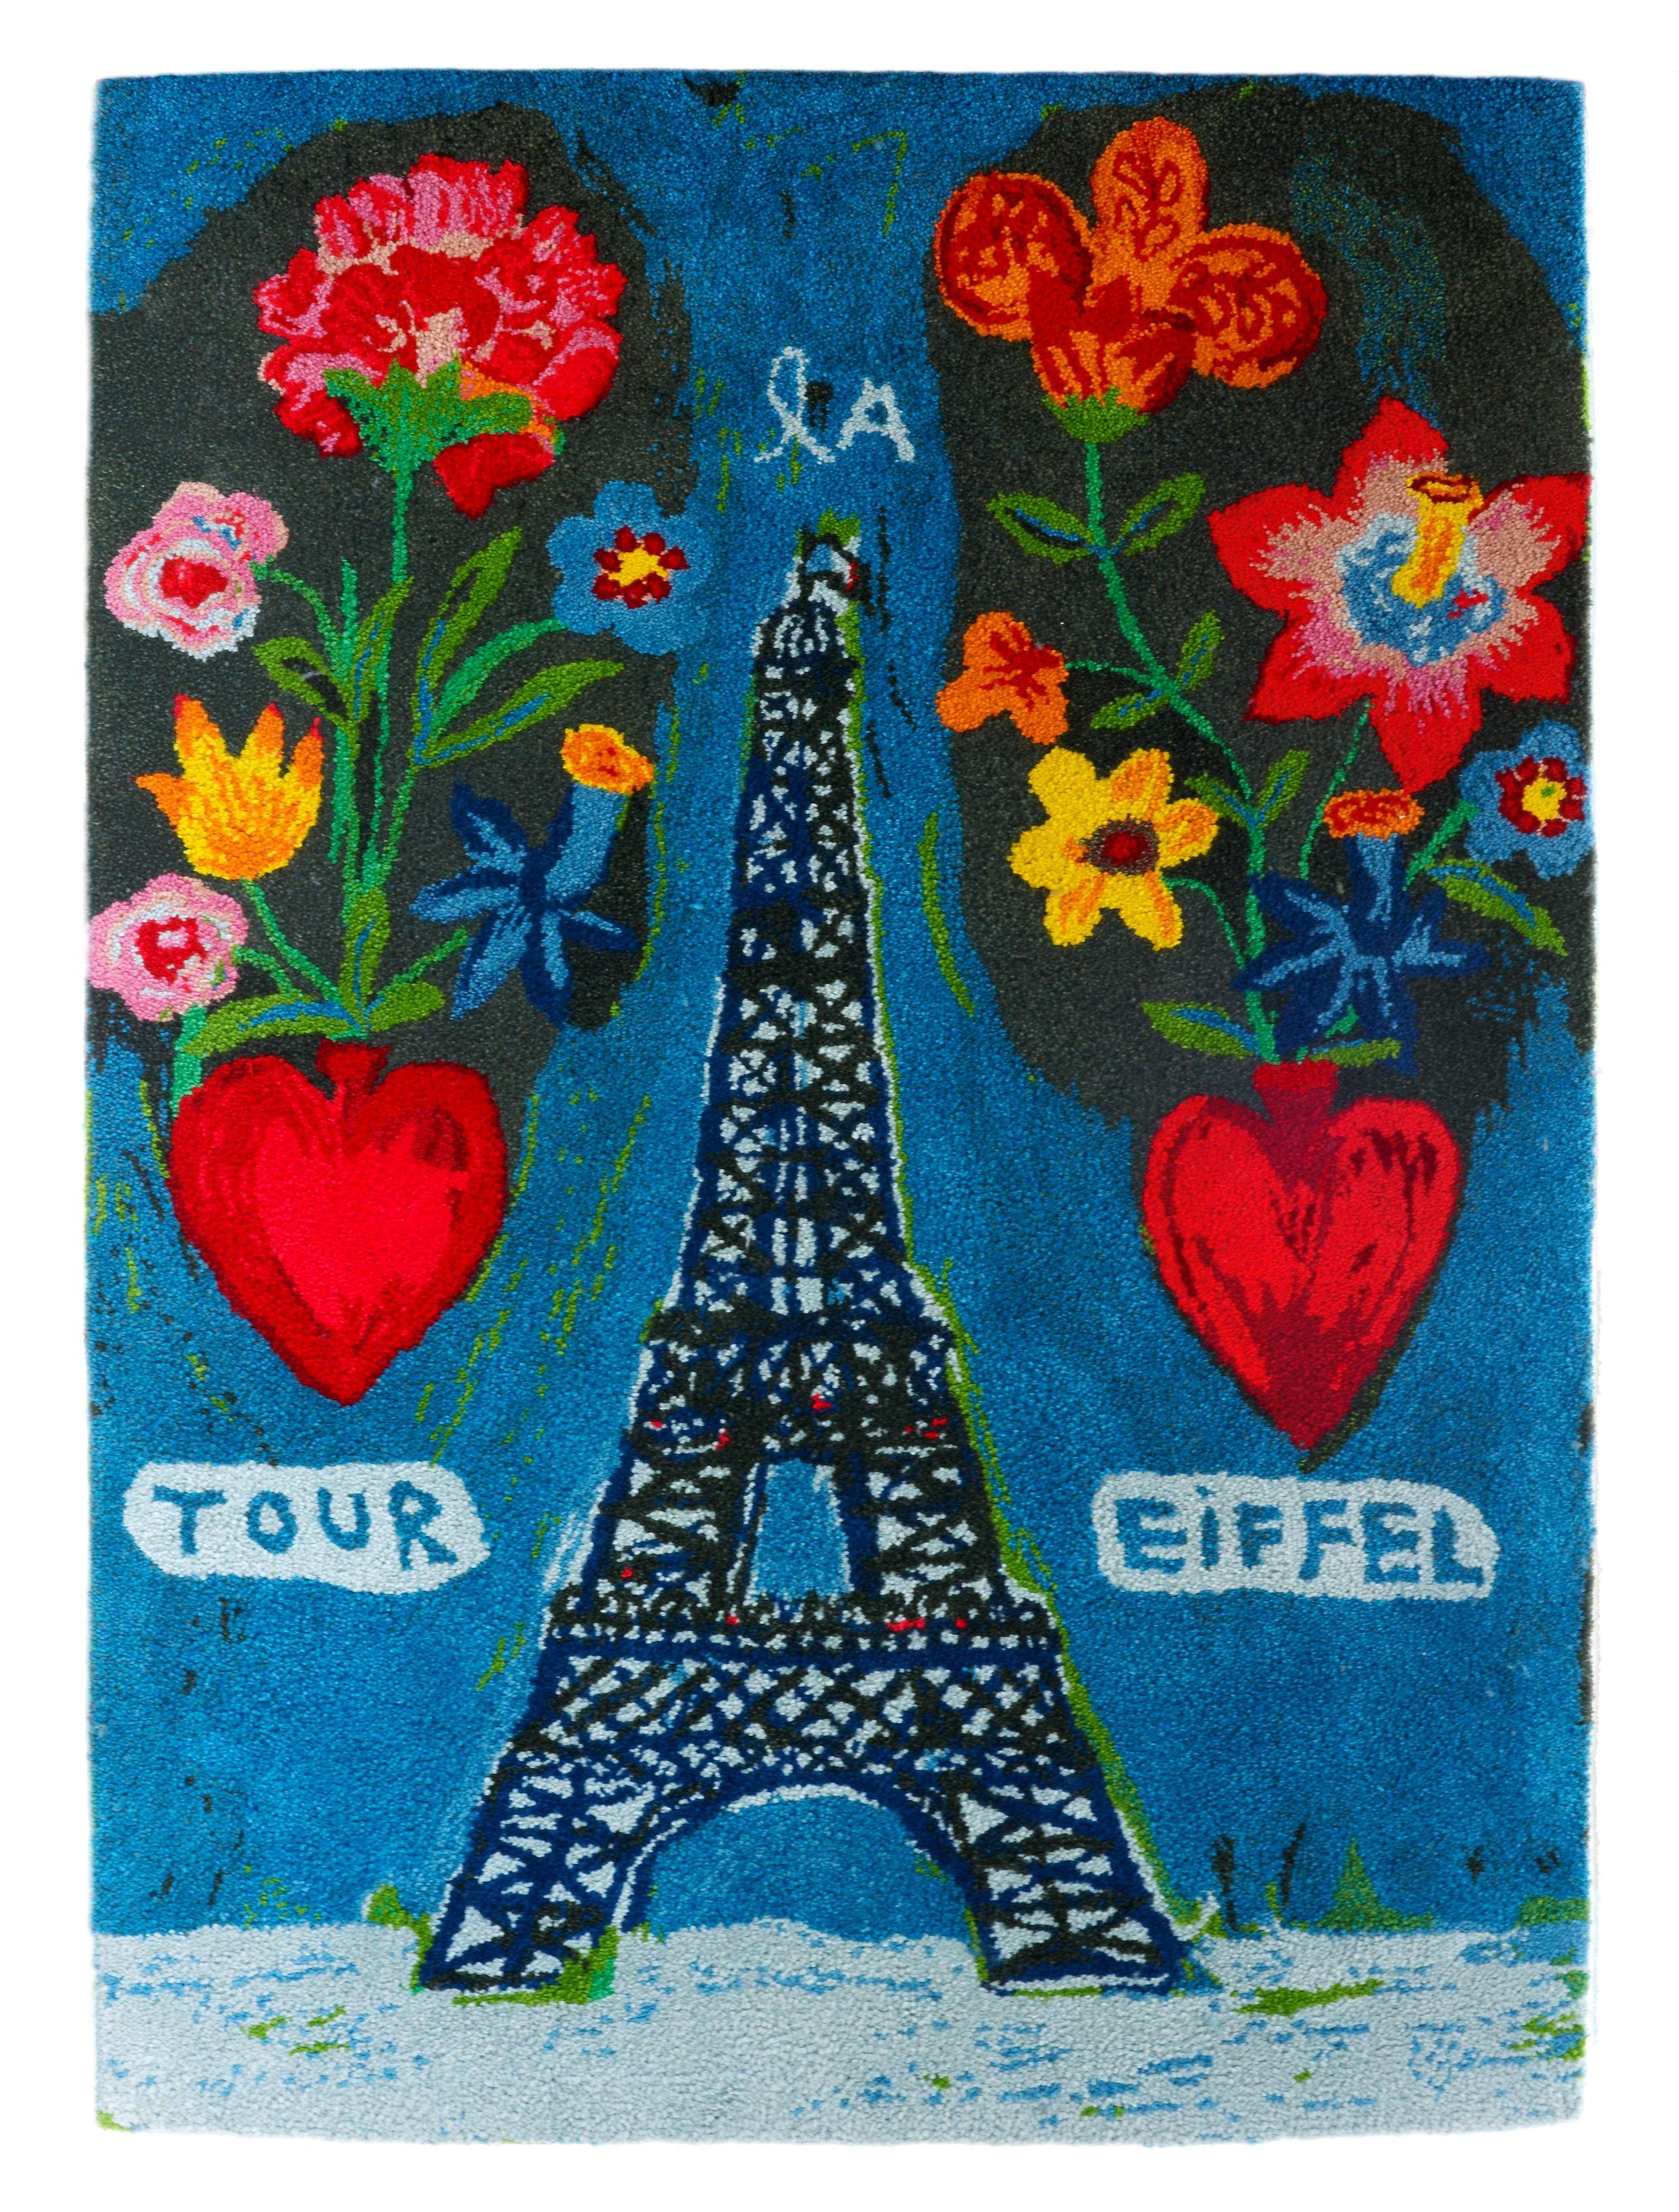 Tour Eiffel aux deux Coeurs